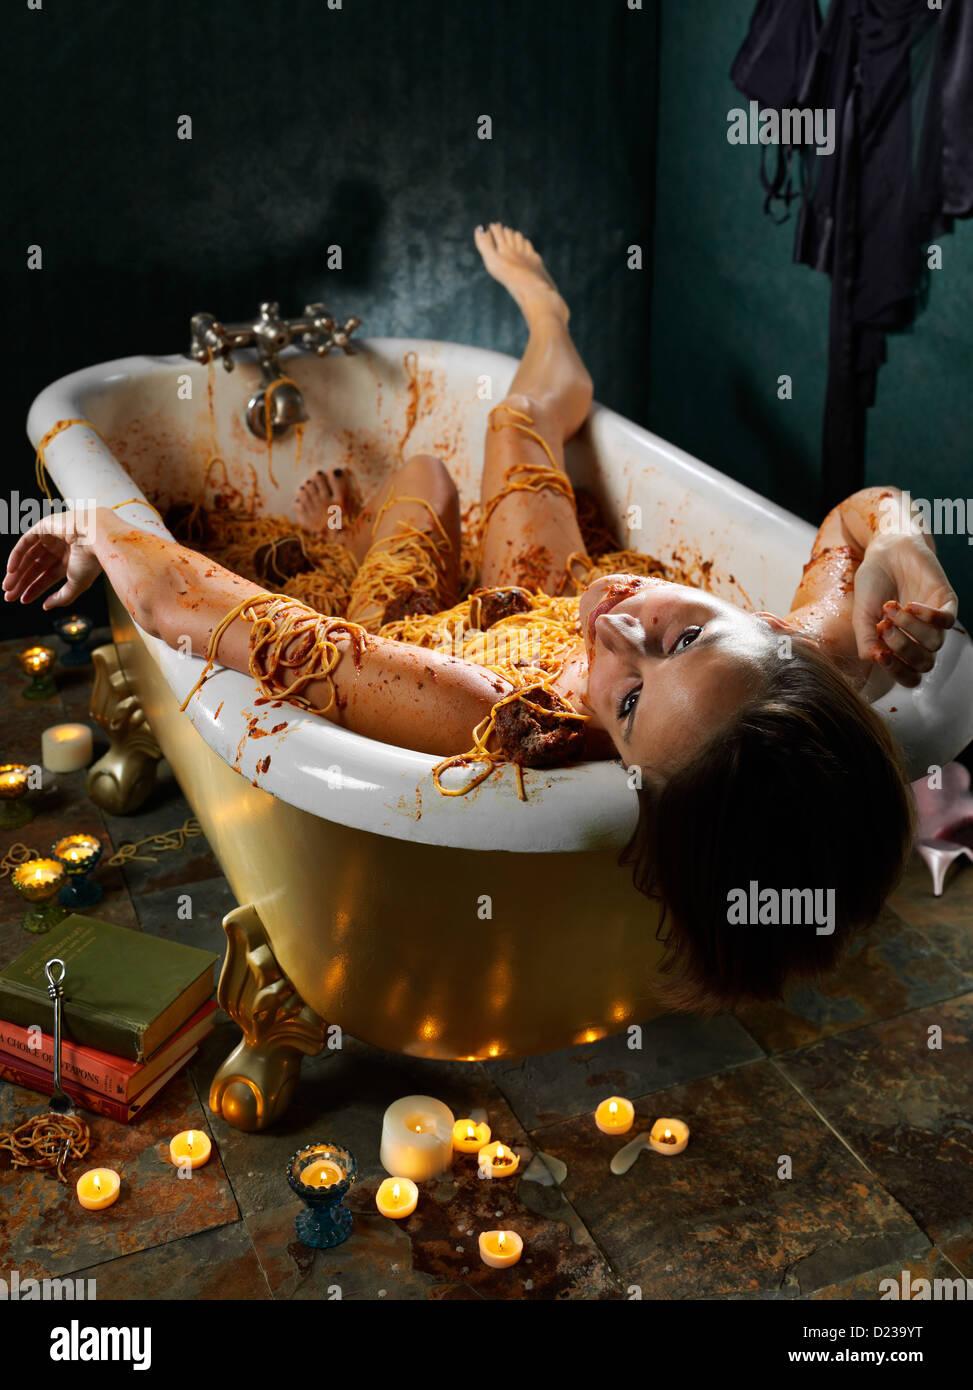 Comida Cena de Crime com morte por gula. Imagens de Stock